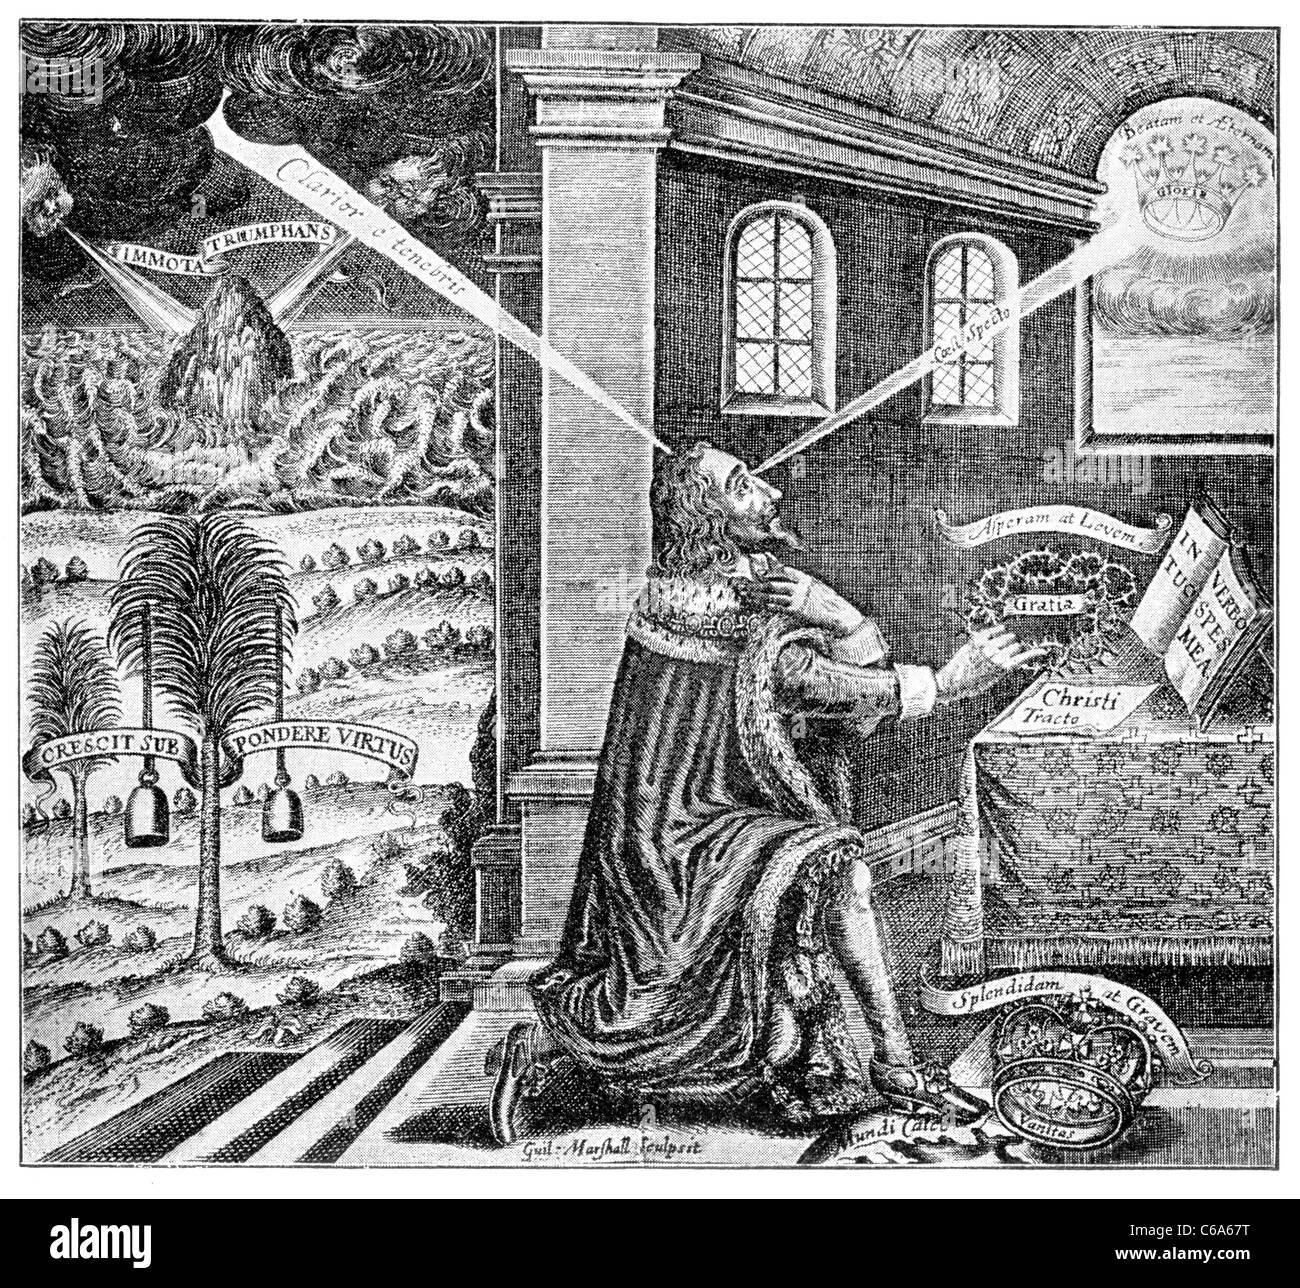 Frontispiece of 'Eikon Basilike', 1648; Black and White Illustration; - Stock Image